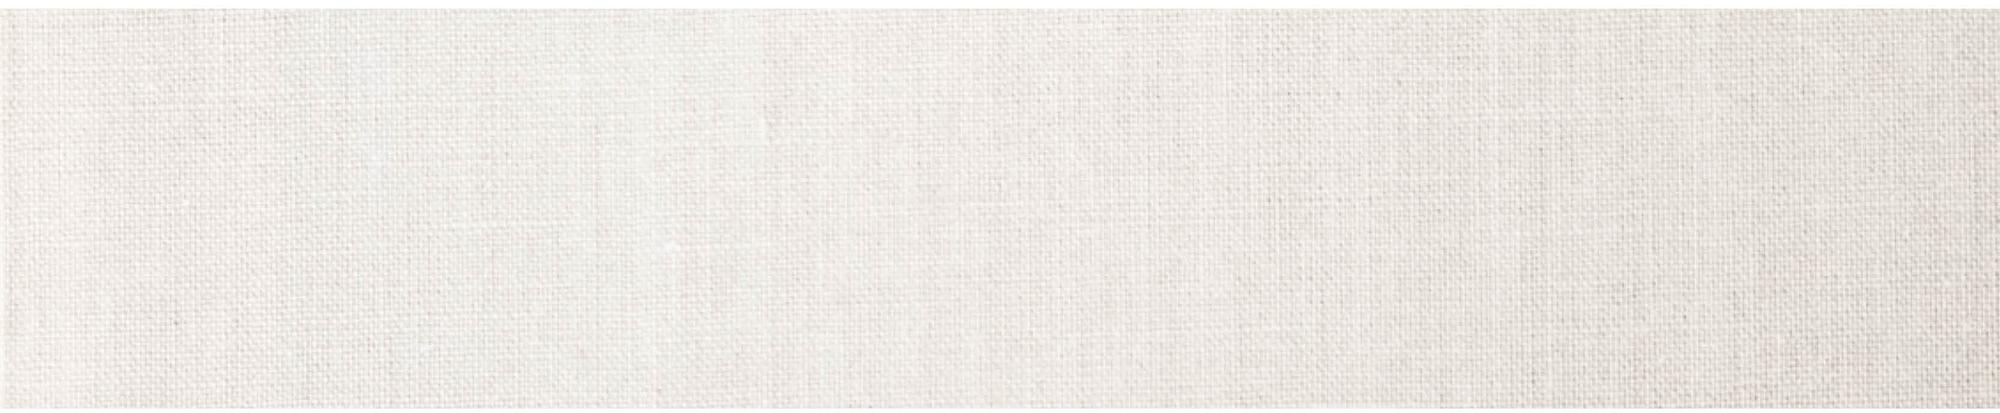 linen-texture.jpg